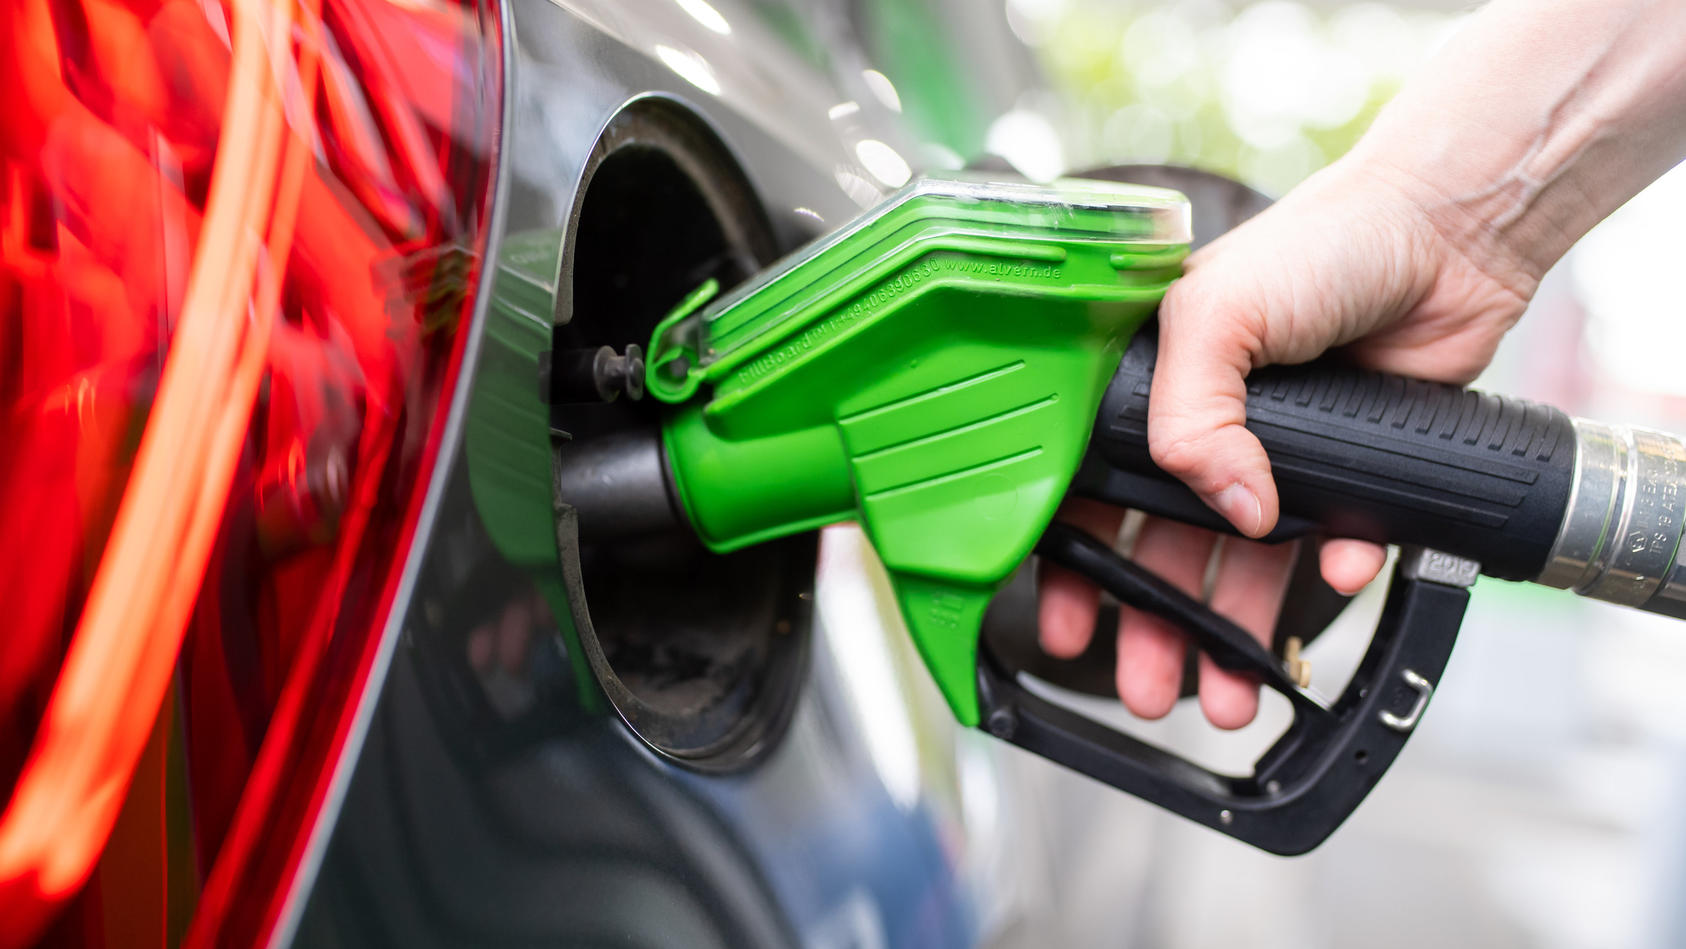 Spritpreise 2021: Benzin und Diesel werden teurer